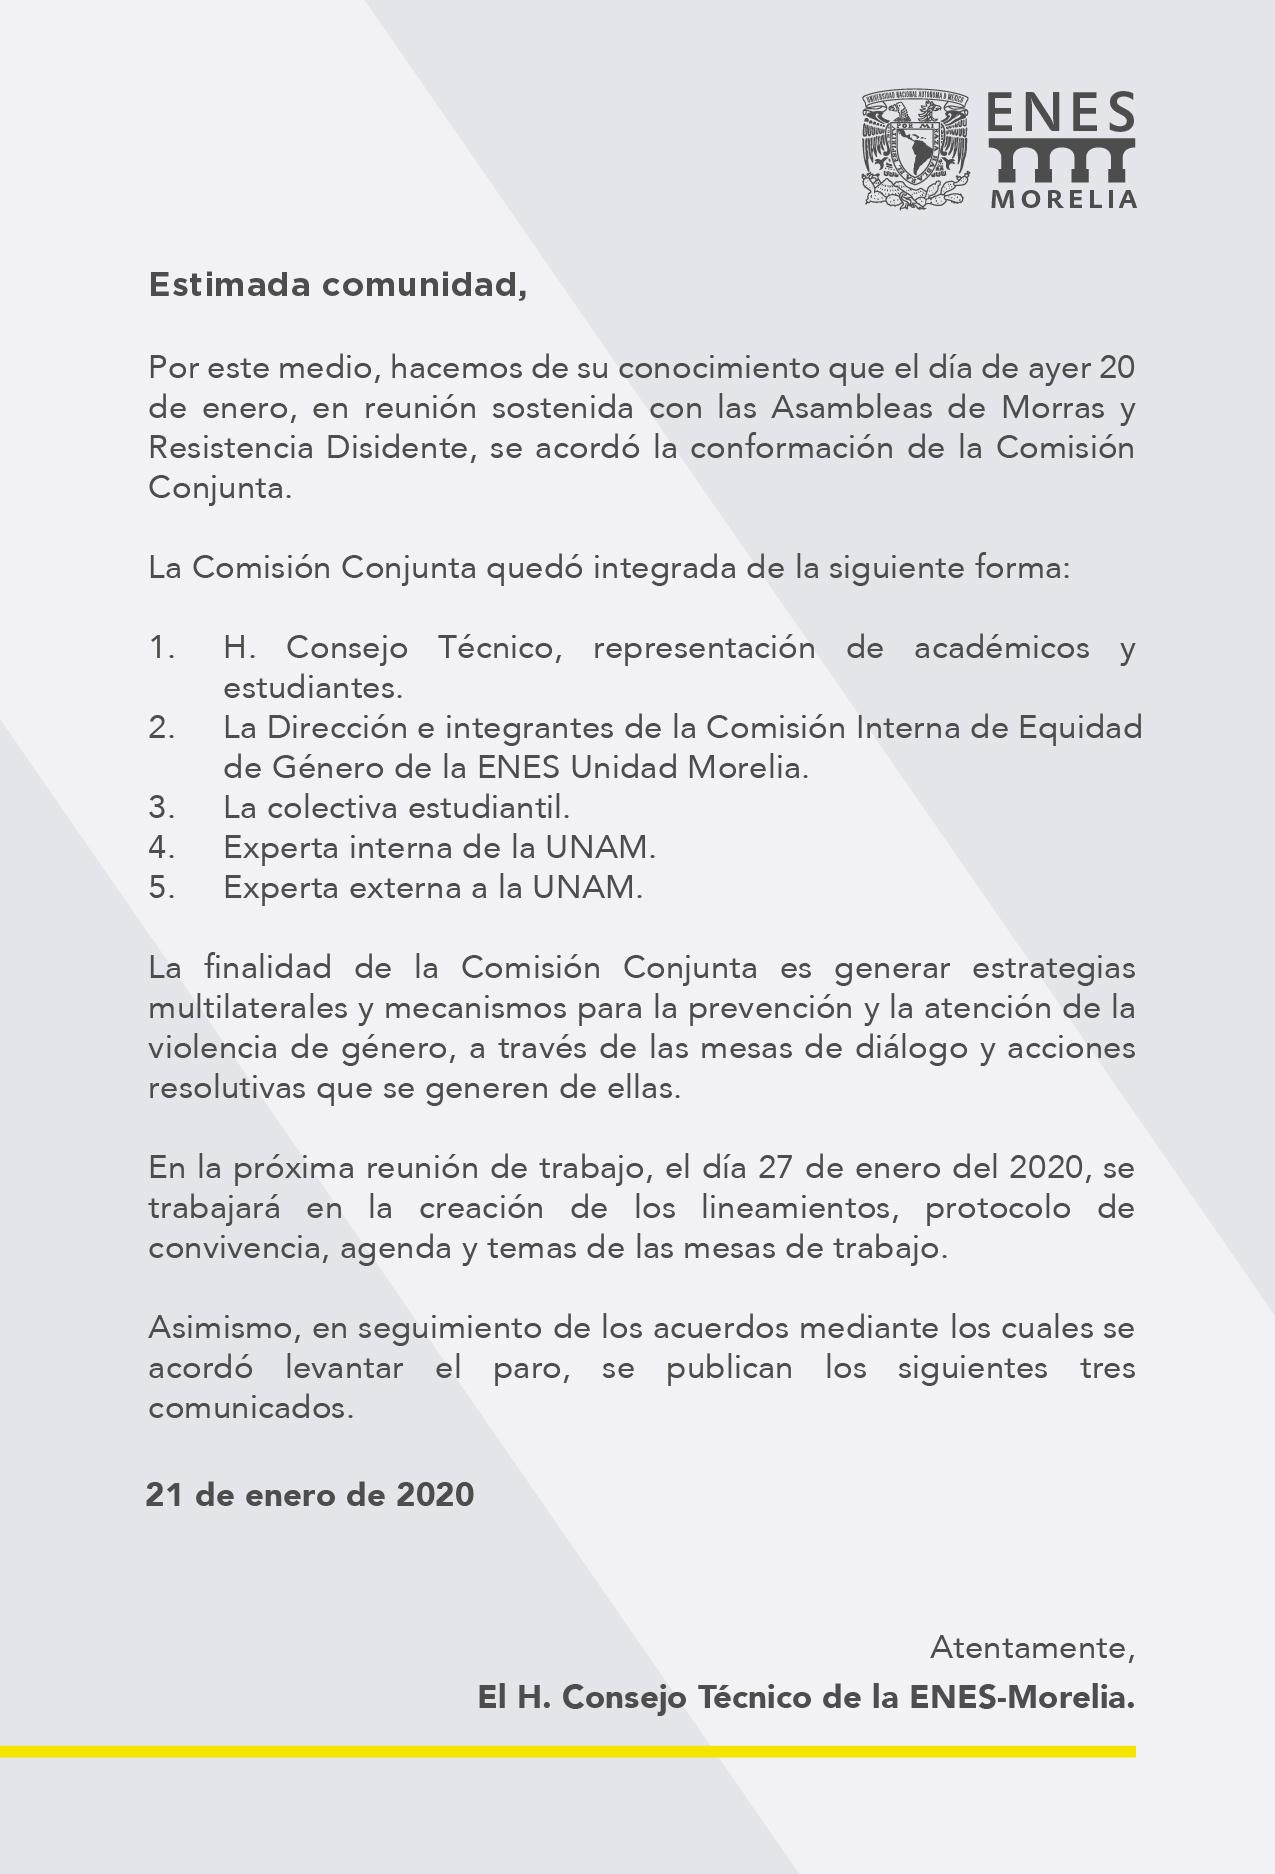 Comunicado-HCT-210120-01